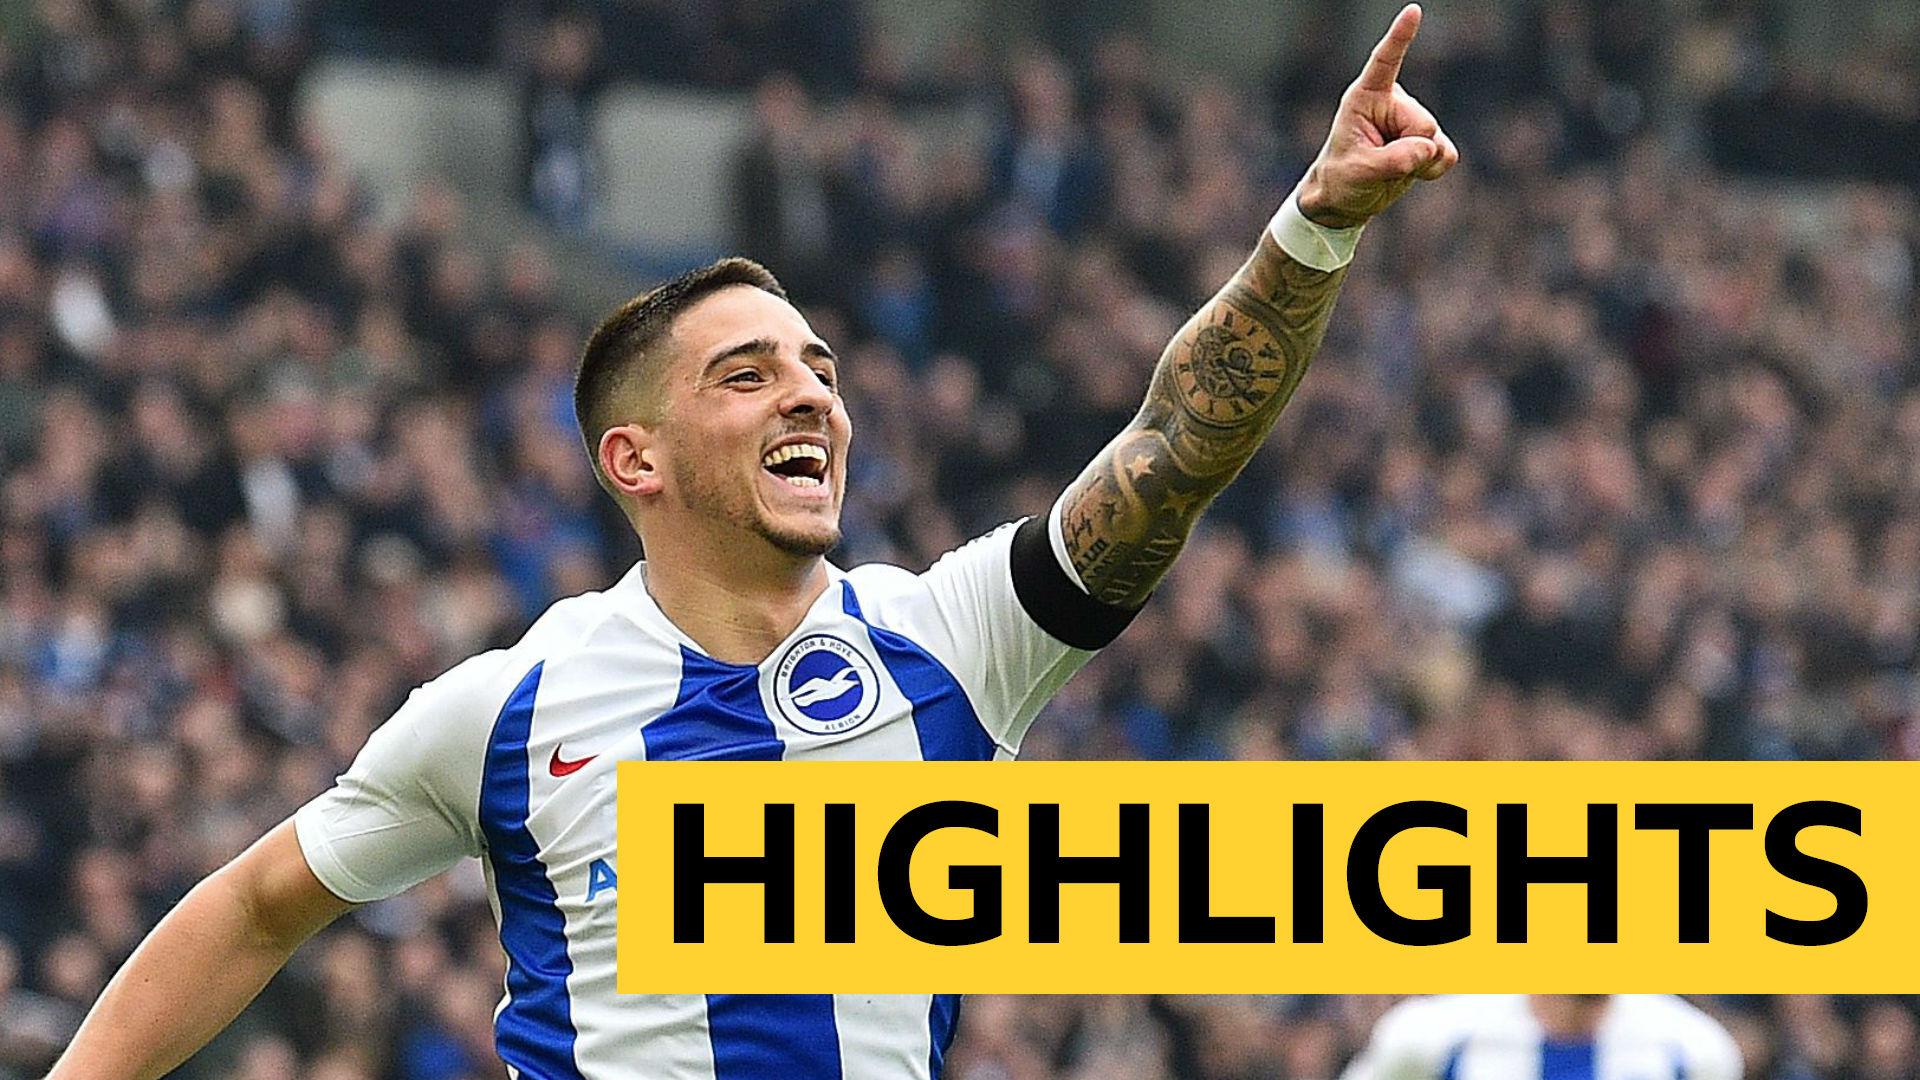 FA Cup: Brighton 2-1 Derby highlights